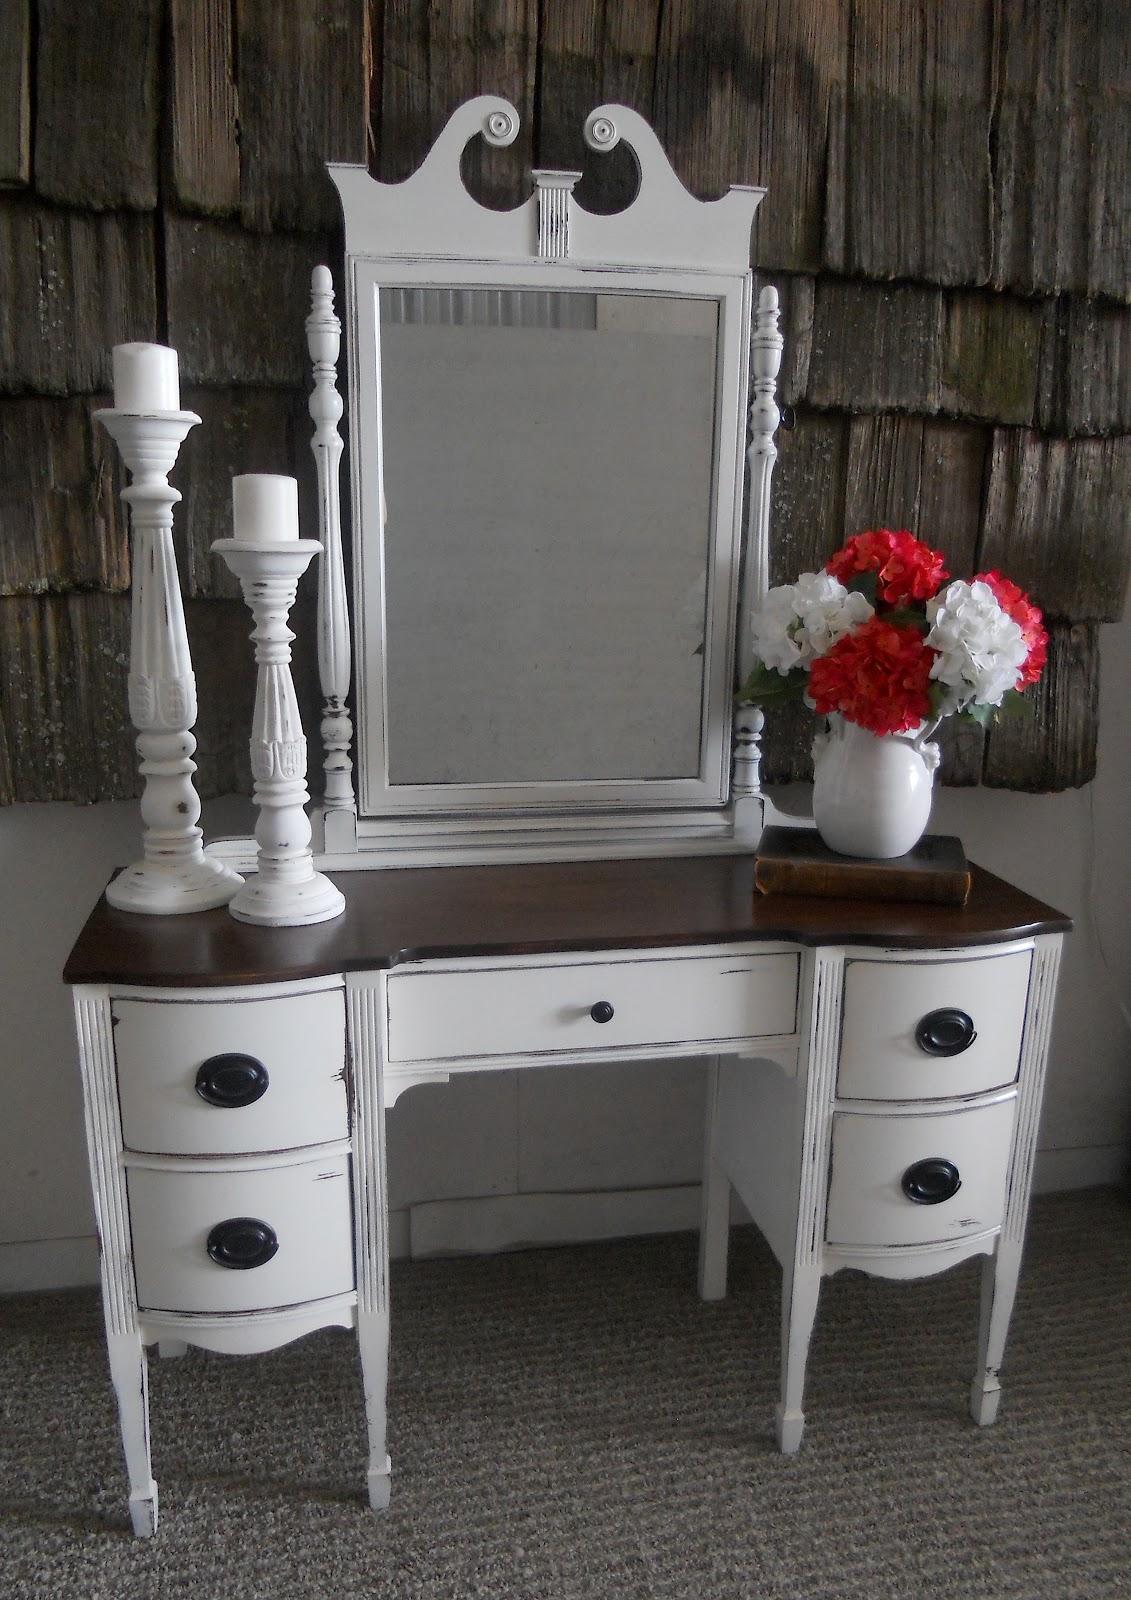 Antique desk/vanity - Createinspire}: Antique Desk/vanity